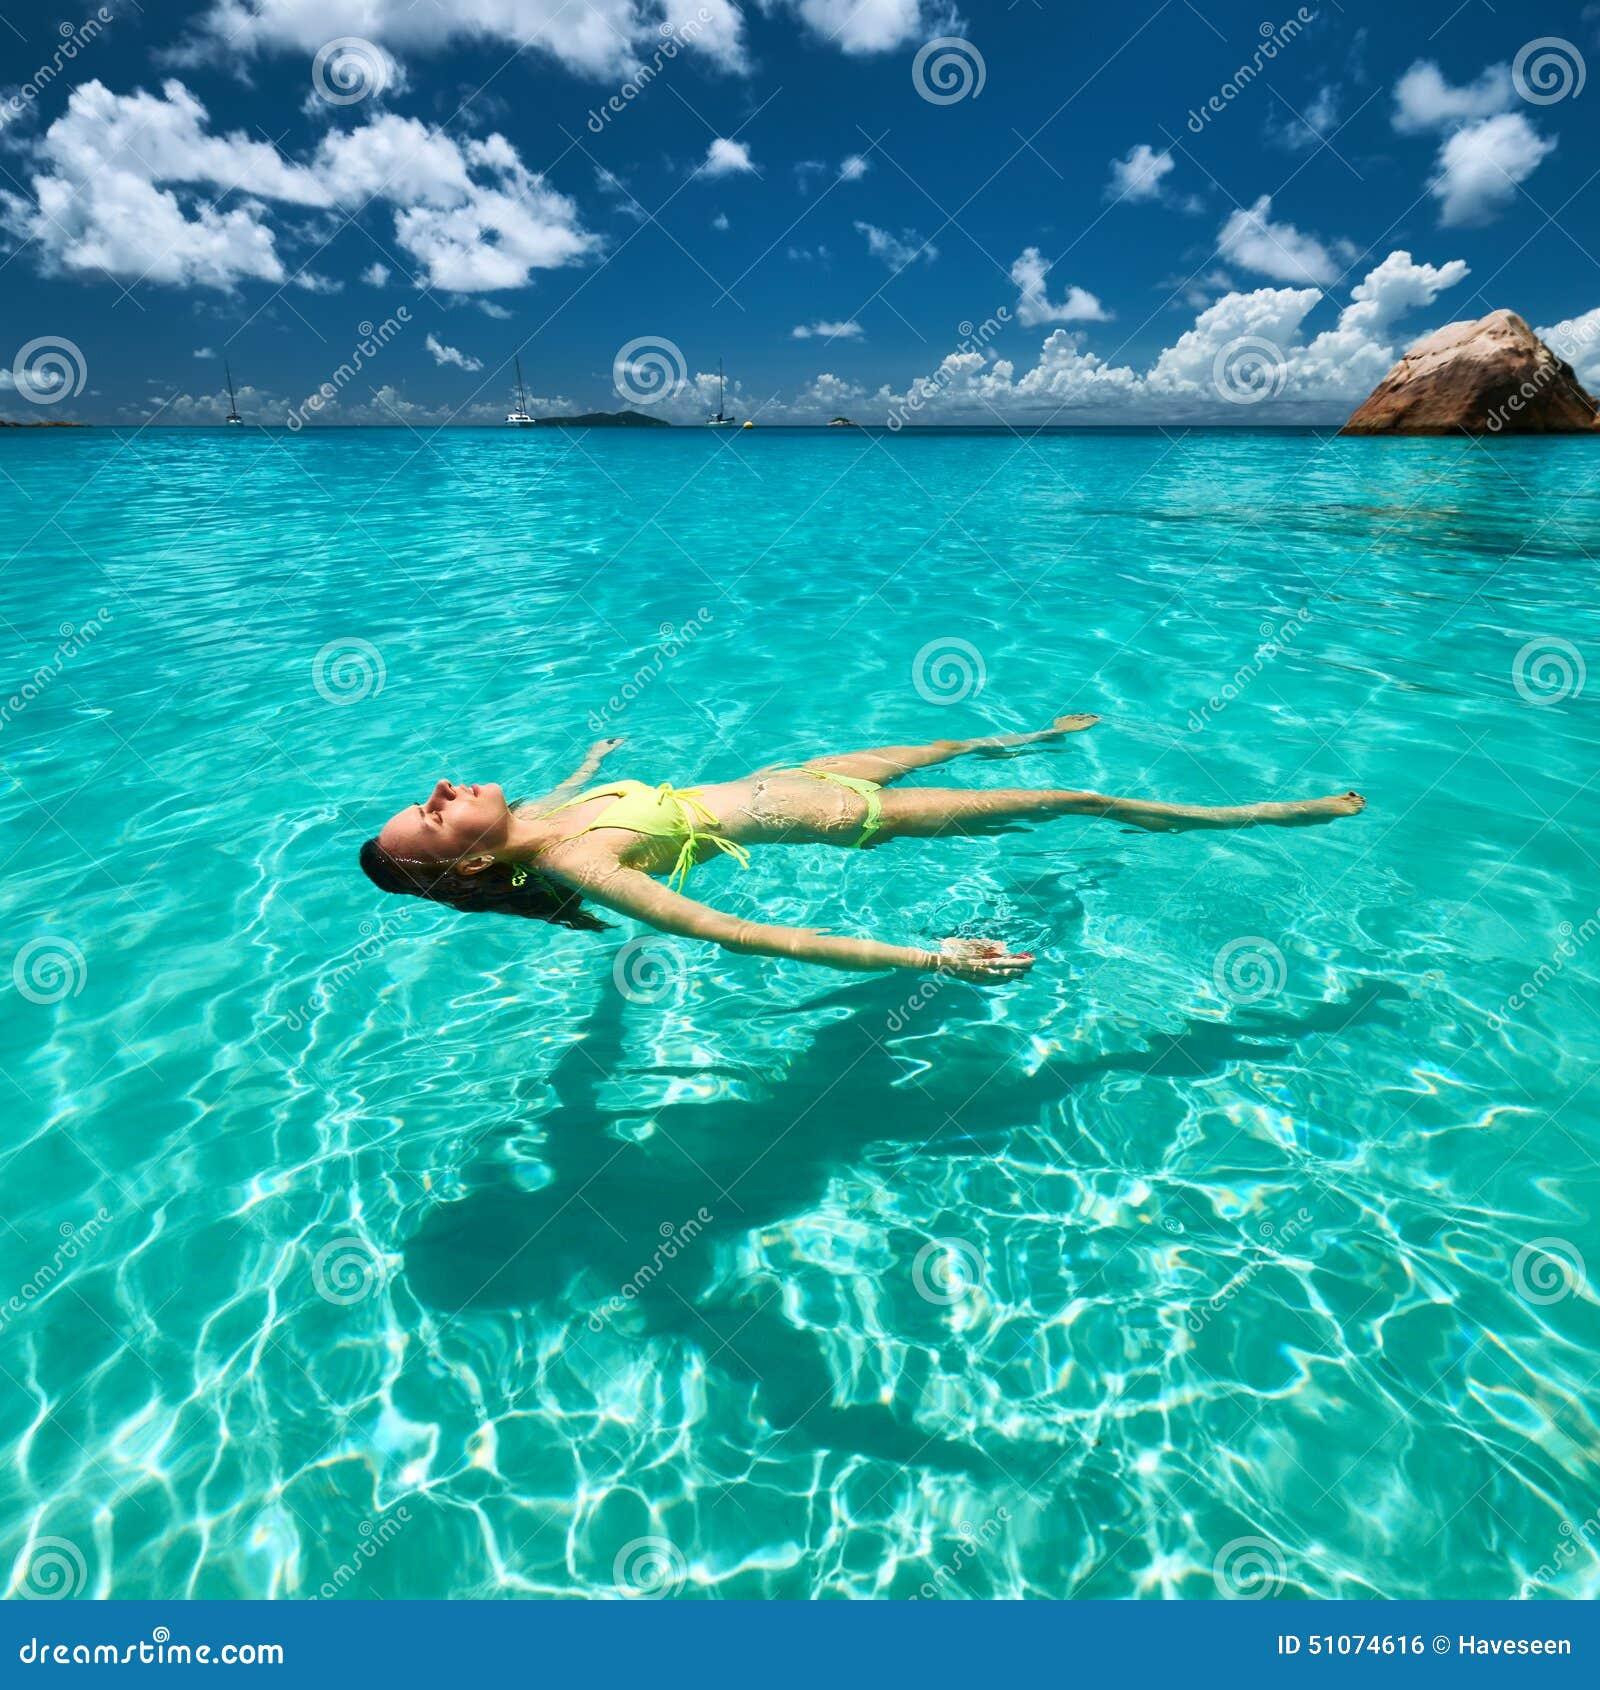 Woman In Yellow Bikini Lying On Water Stock Photo